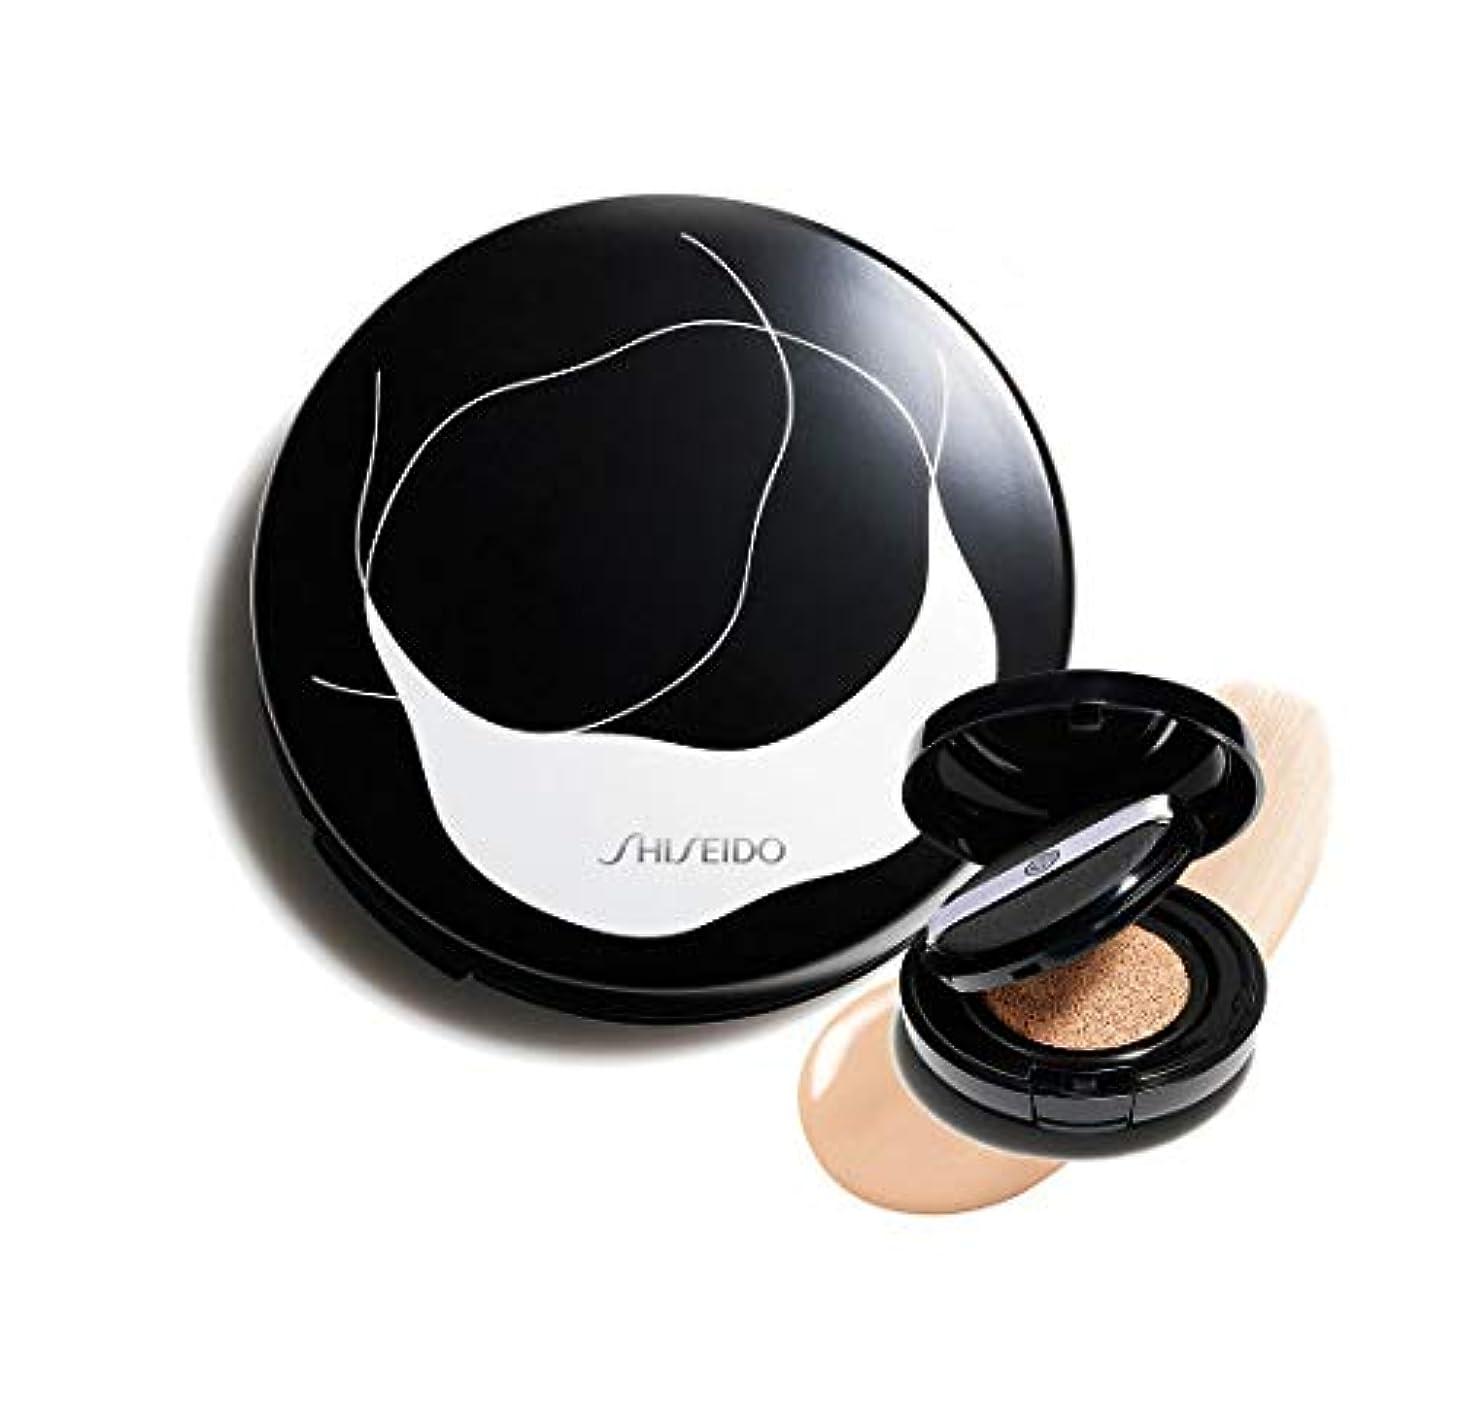 ライオンコンチネンタル制裁SHISEIDO 資生堂 シンクロスキン グロー クッションコンパクト オークル10 Golden 2 - レフィル&ケースのセット